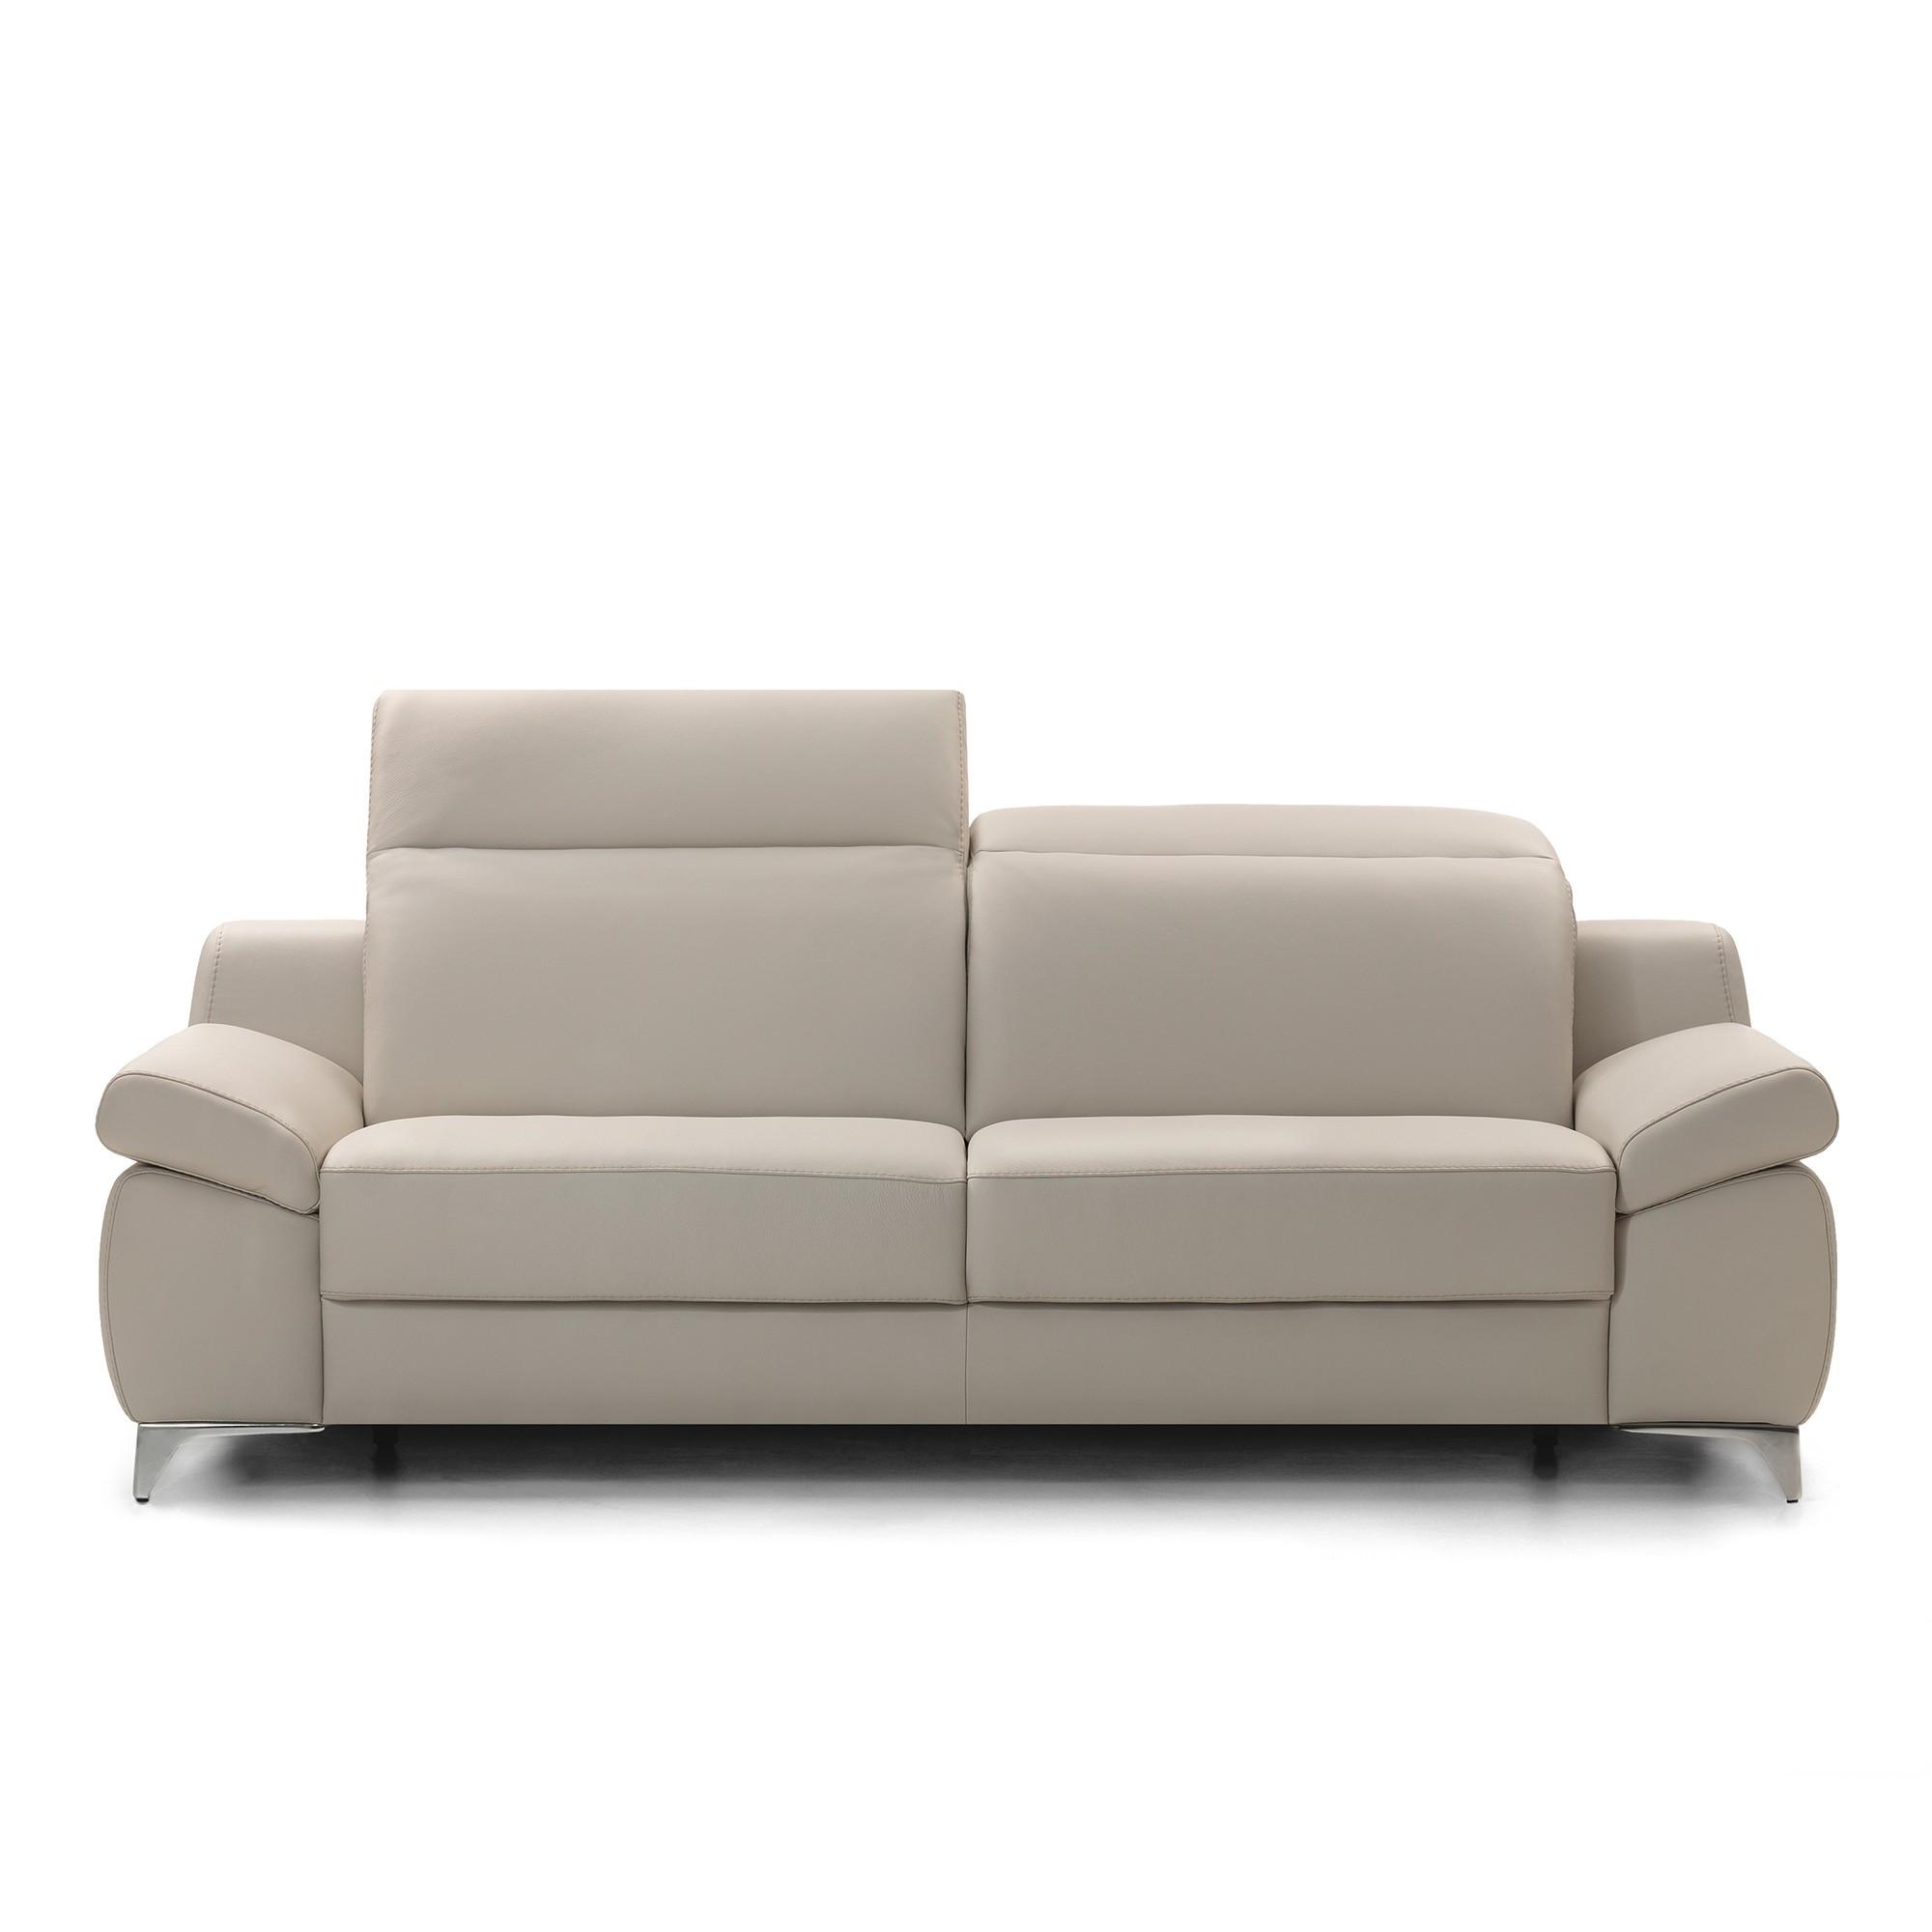 Rom Wren Power Recliner Sofa Large Recliner Sofas